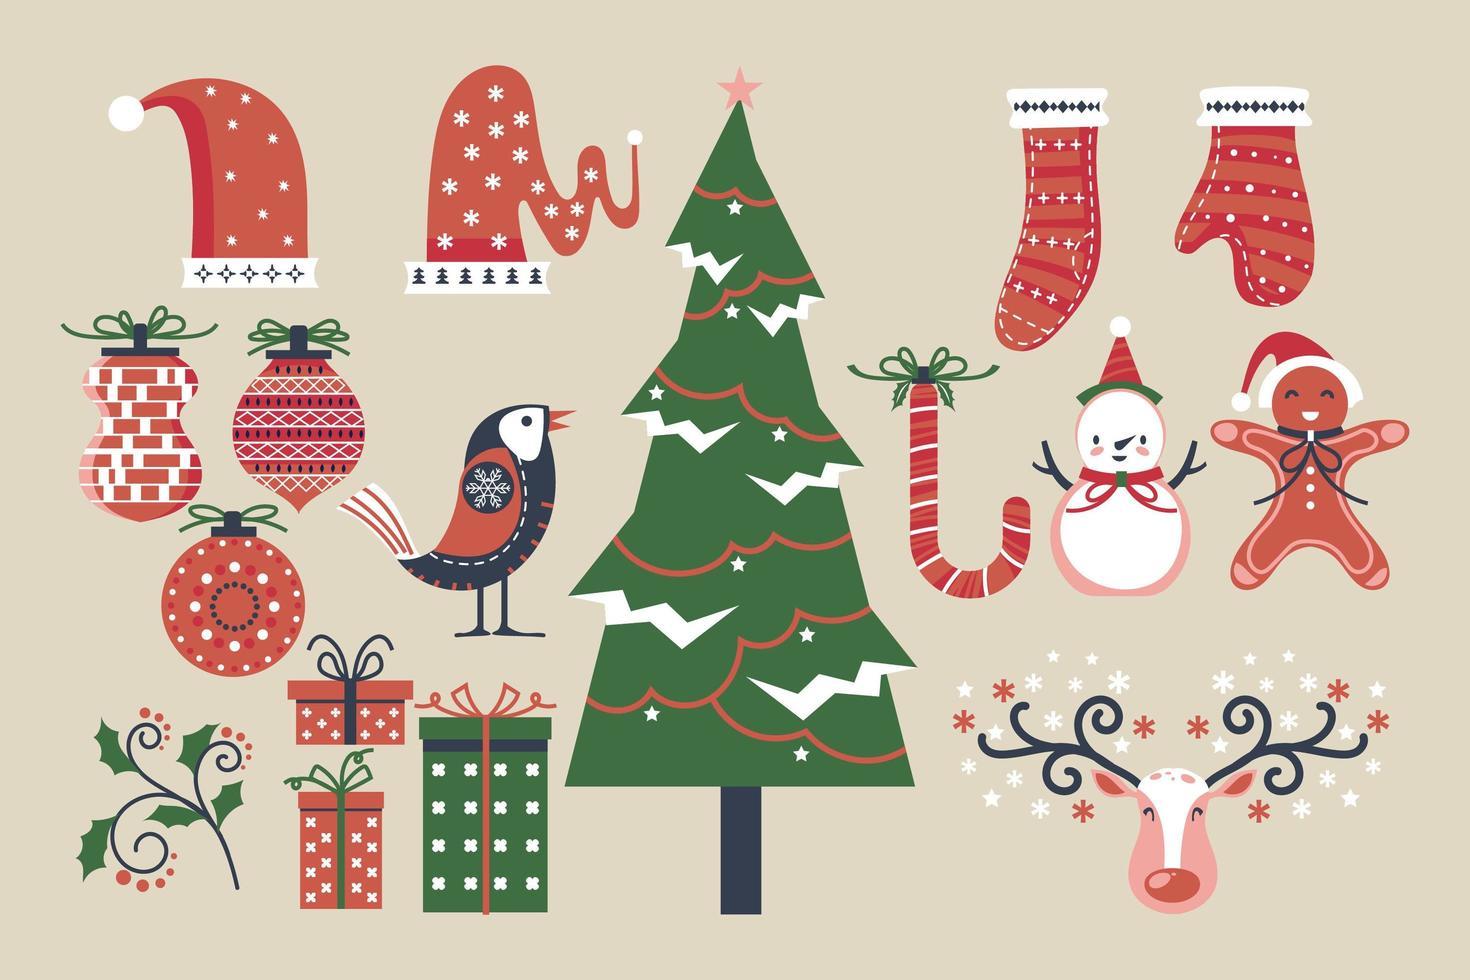 conjunto de elementos de navidad y año nuevo vector